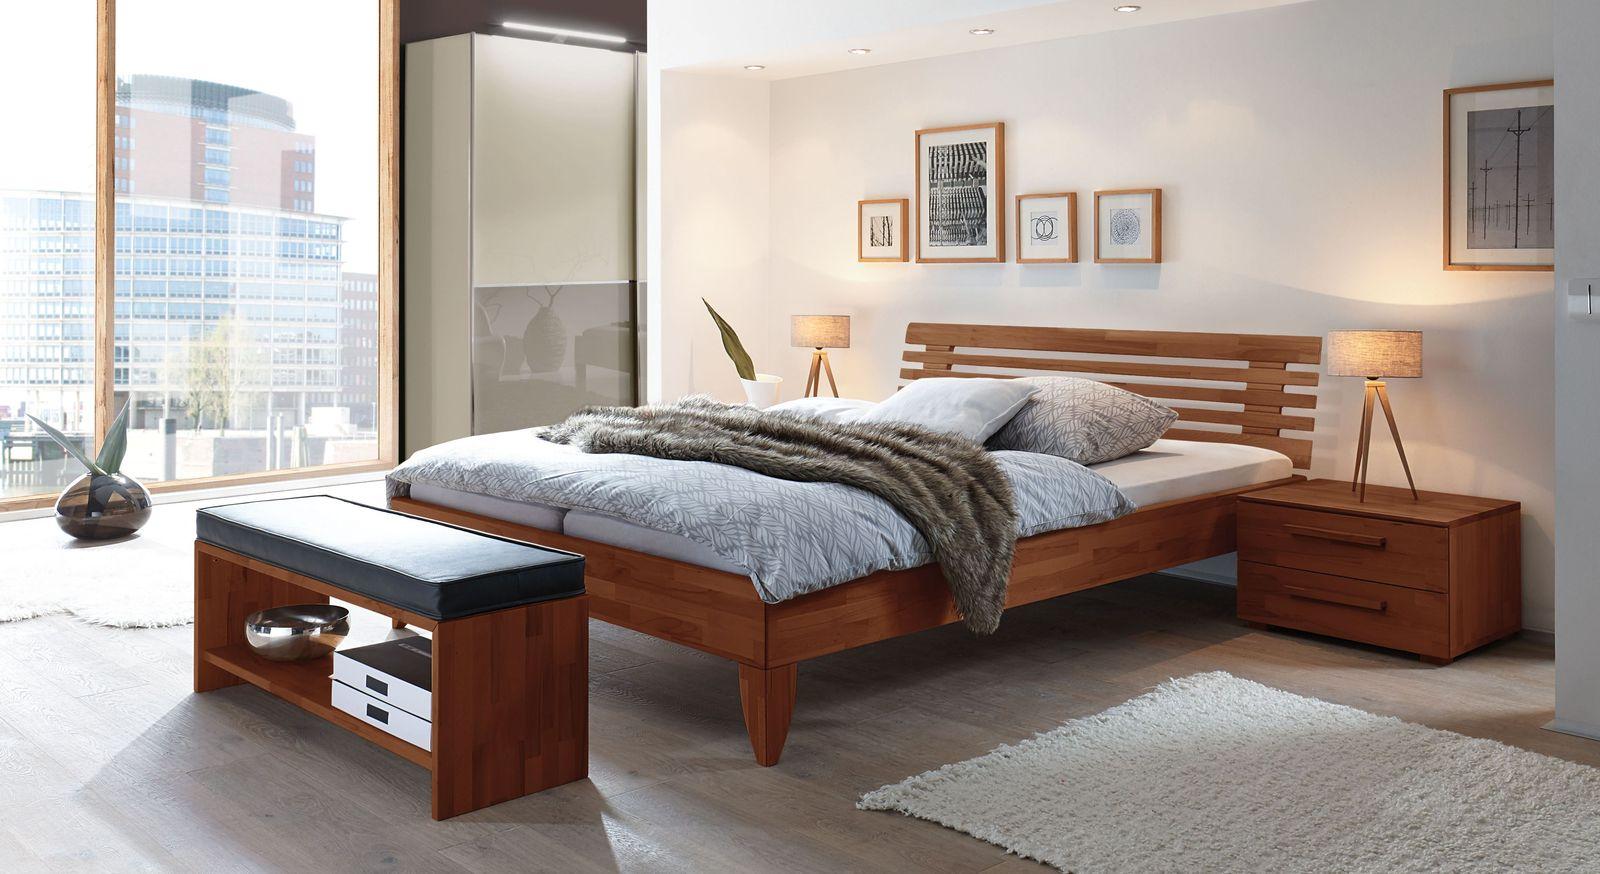 Bett Fontana mit passender Schlafzimmer-Einrichtung